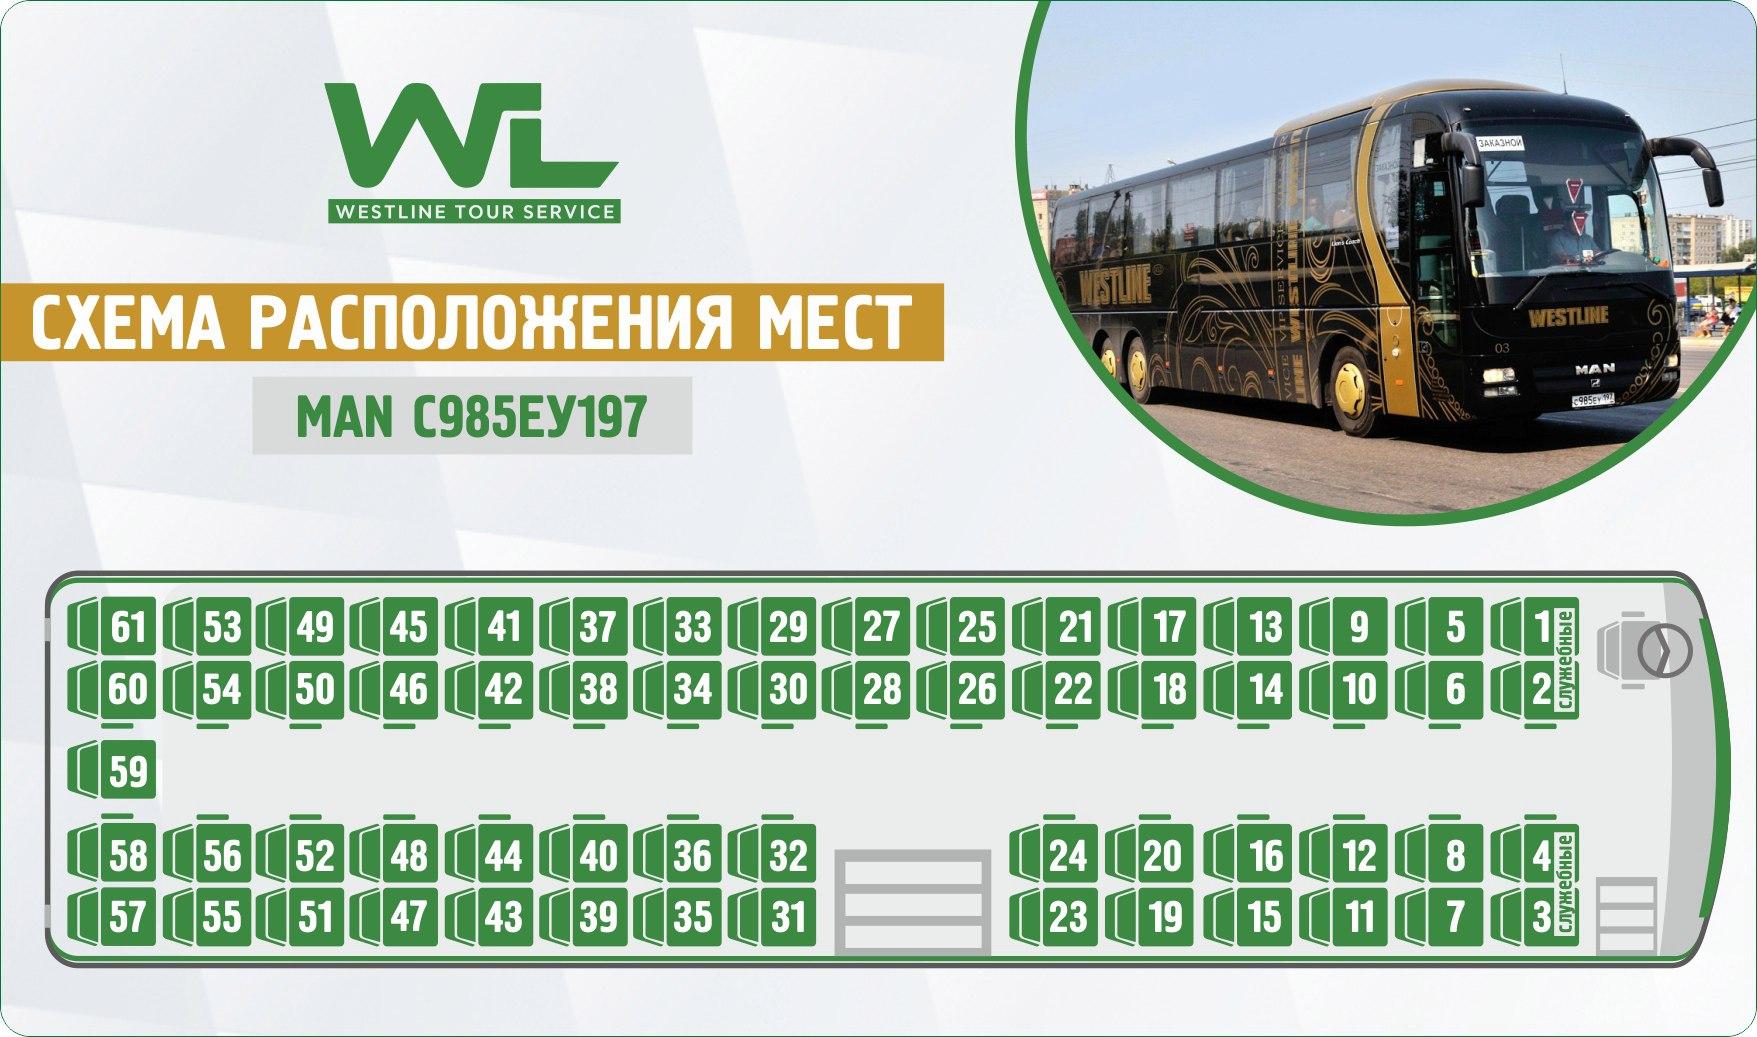 Купить авиабилет севастополь - москва агенство ялта билеты на самолет в казахстане айр астана